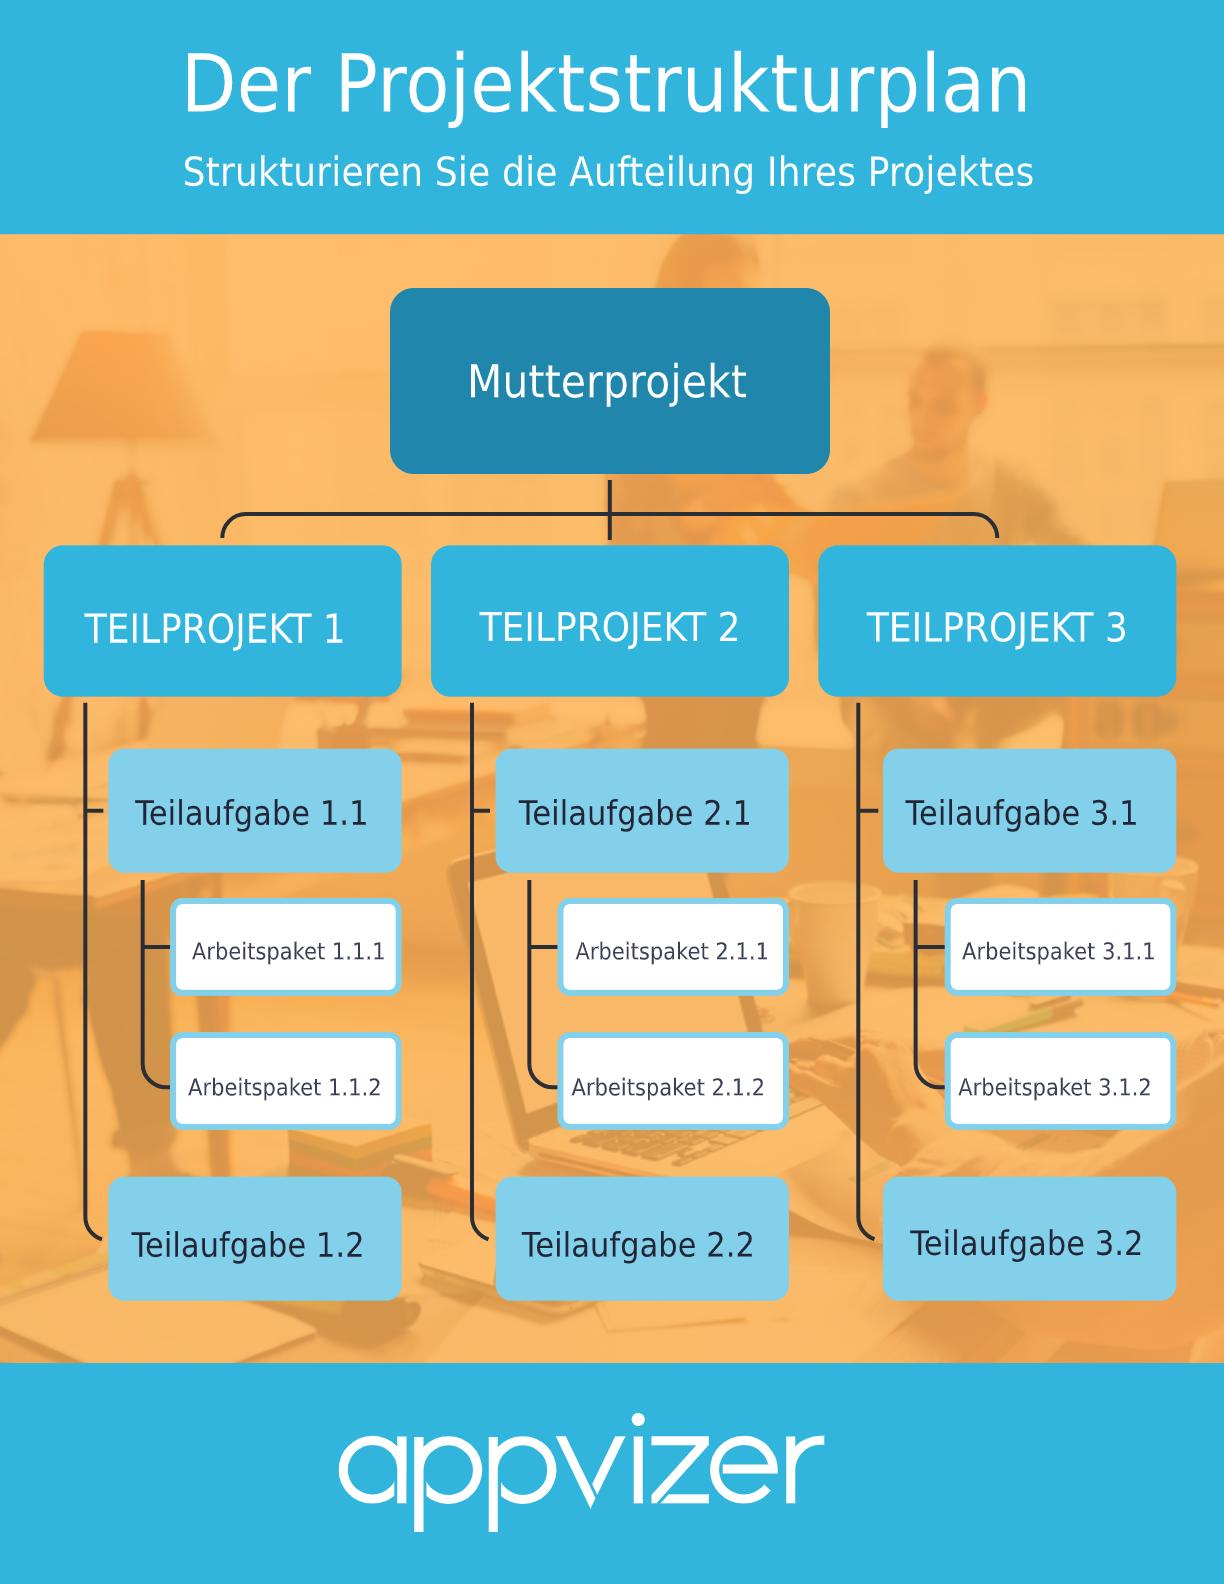 projektstrukturplan-beispiel